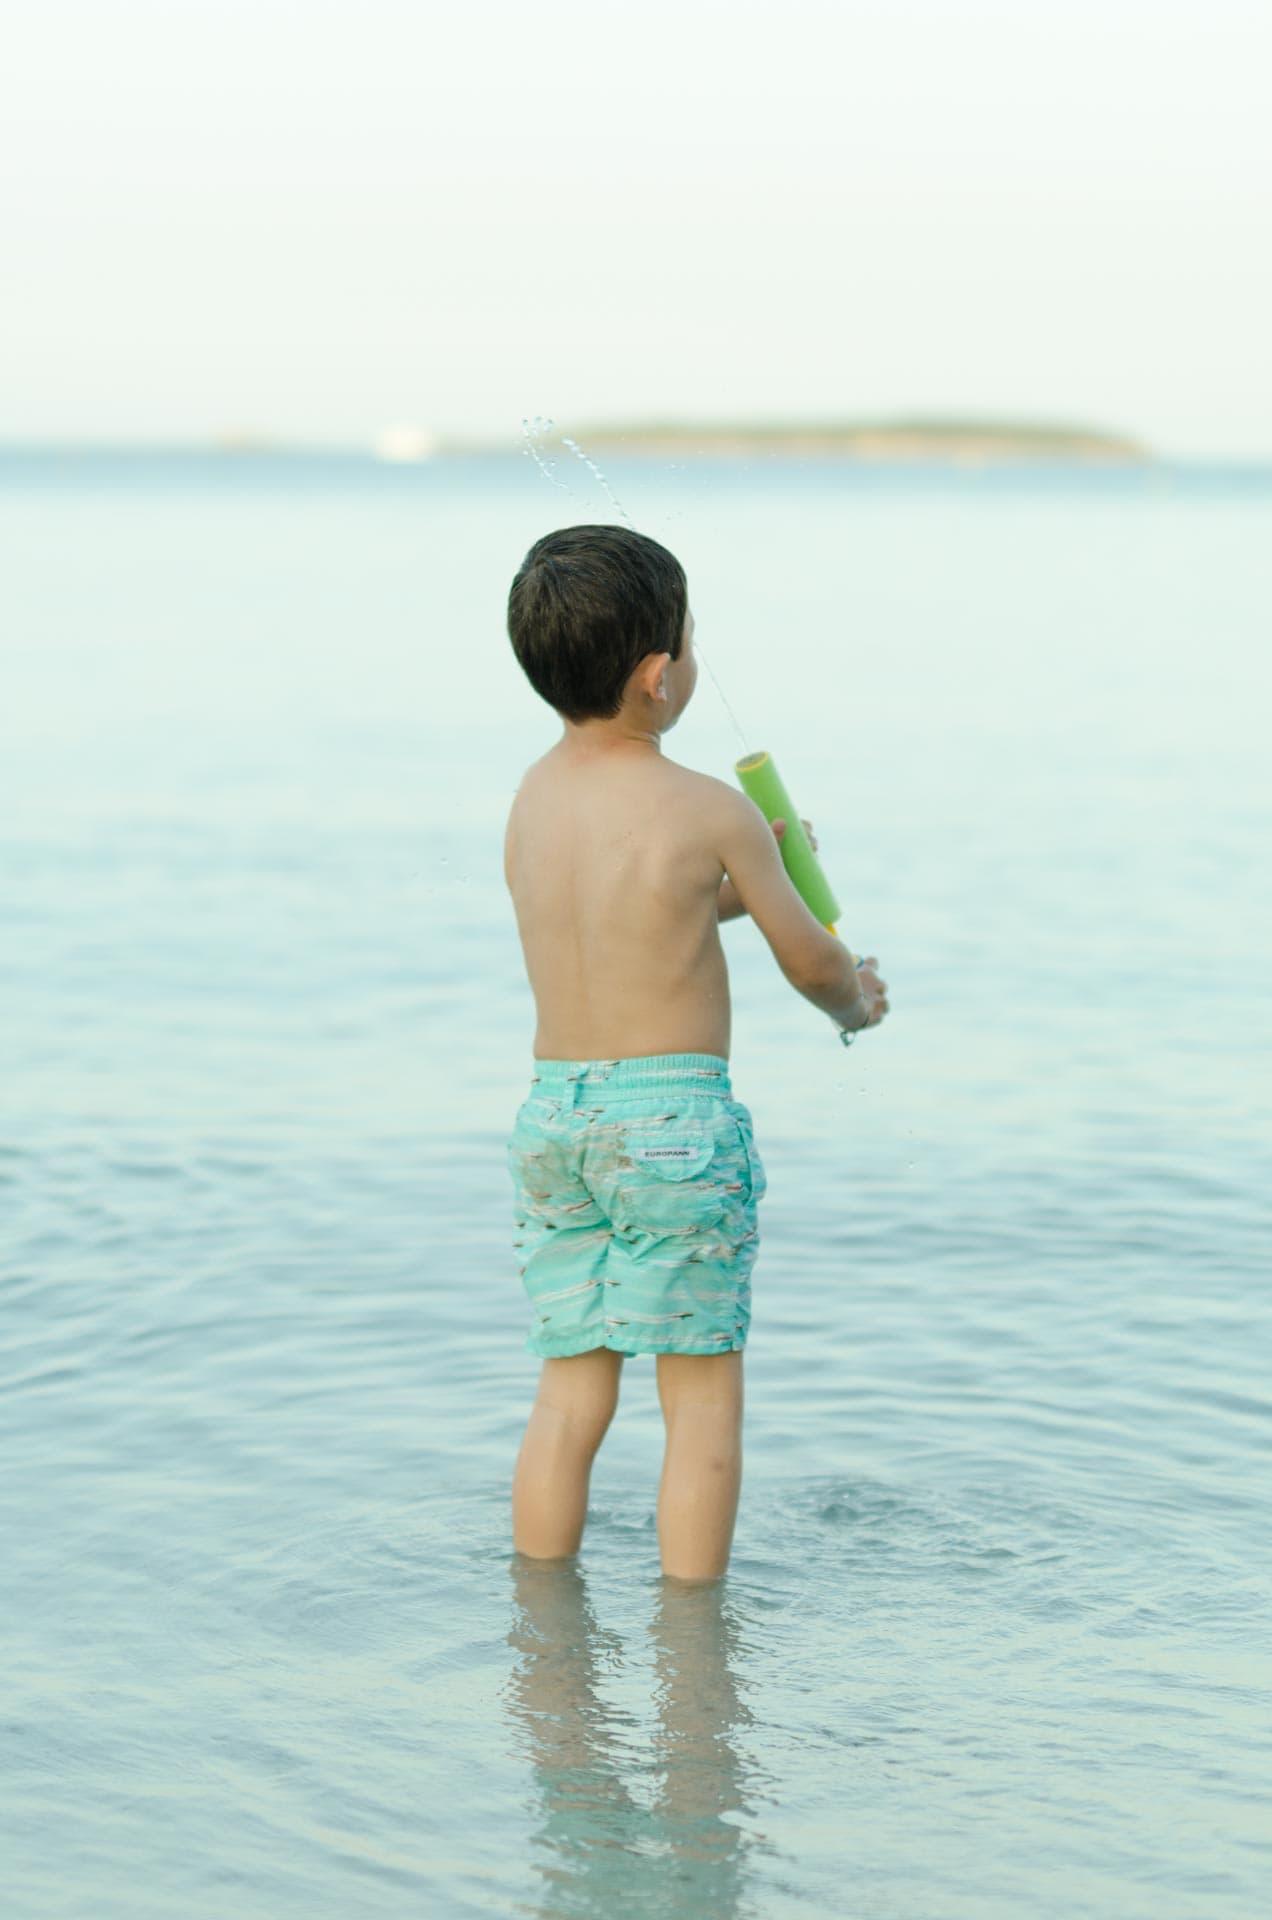 Enfant Corse - Photographe Laura Fauve